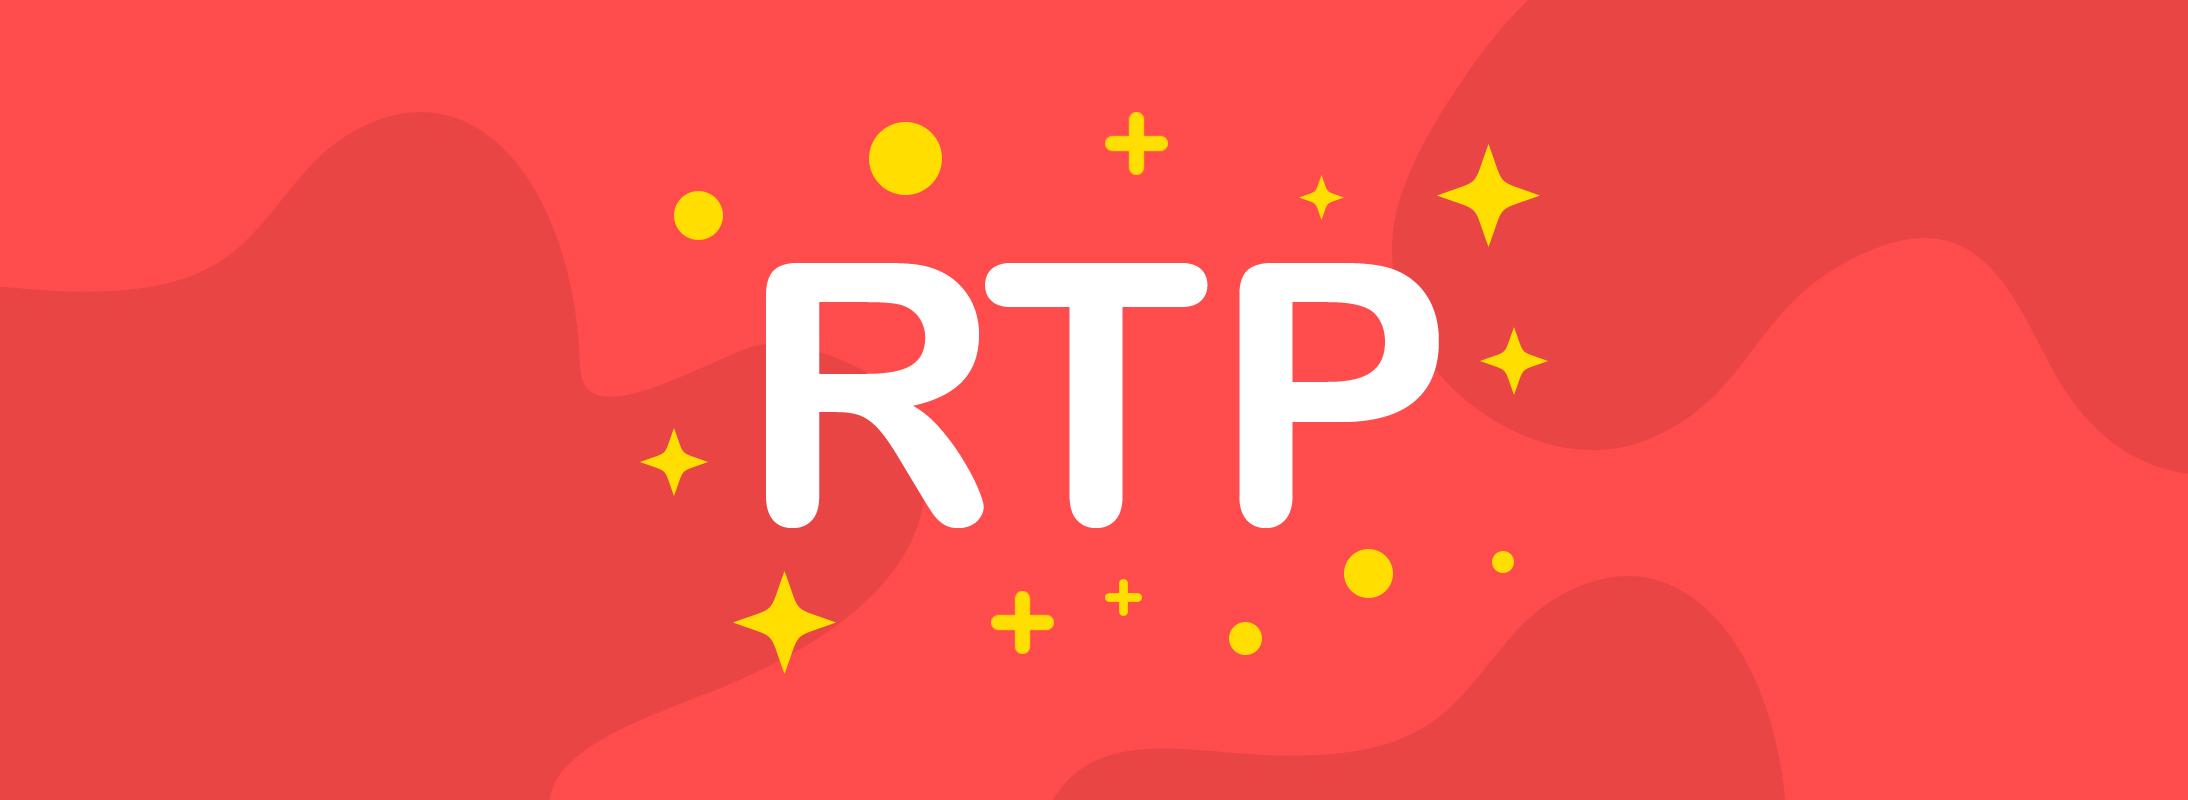 Er der en sammenhæng mellem Win Frequency og RTP element01 - CasinoTop